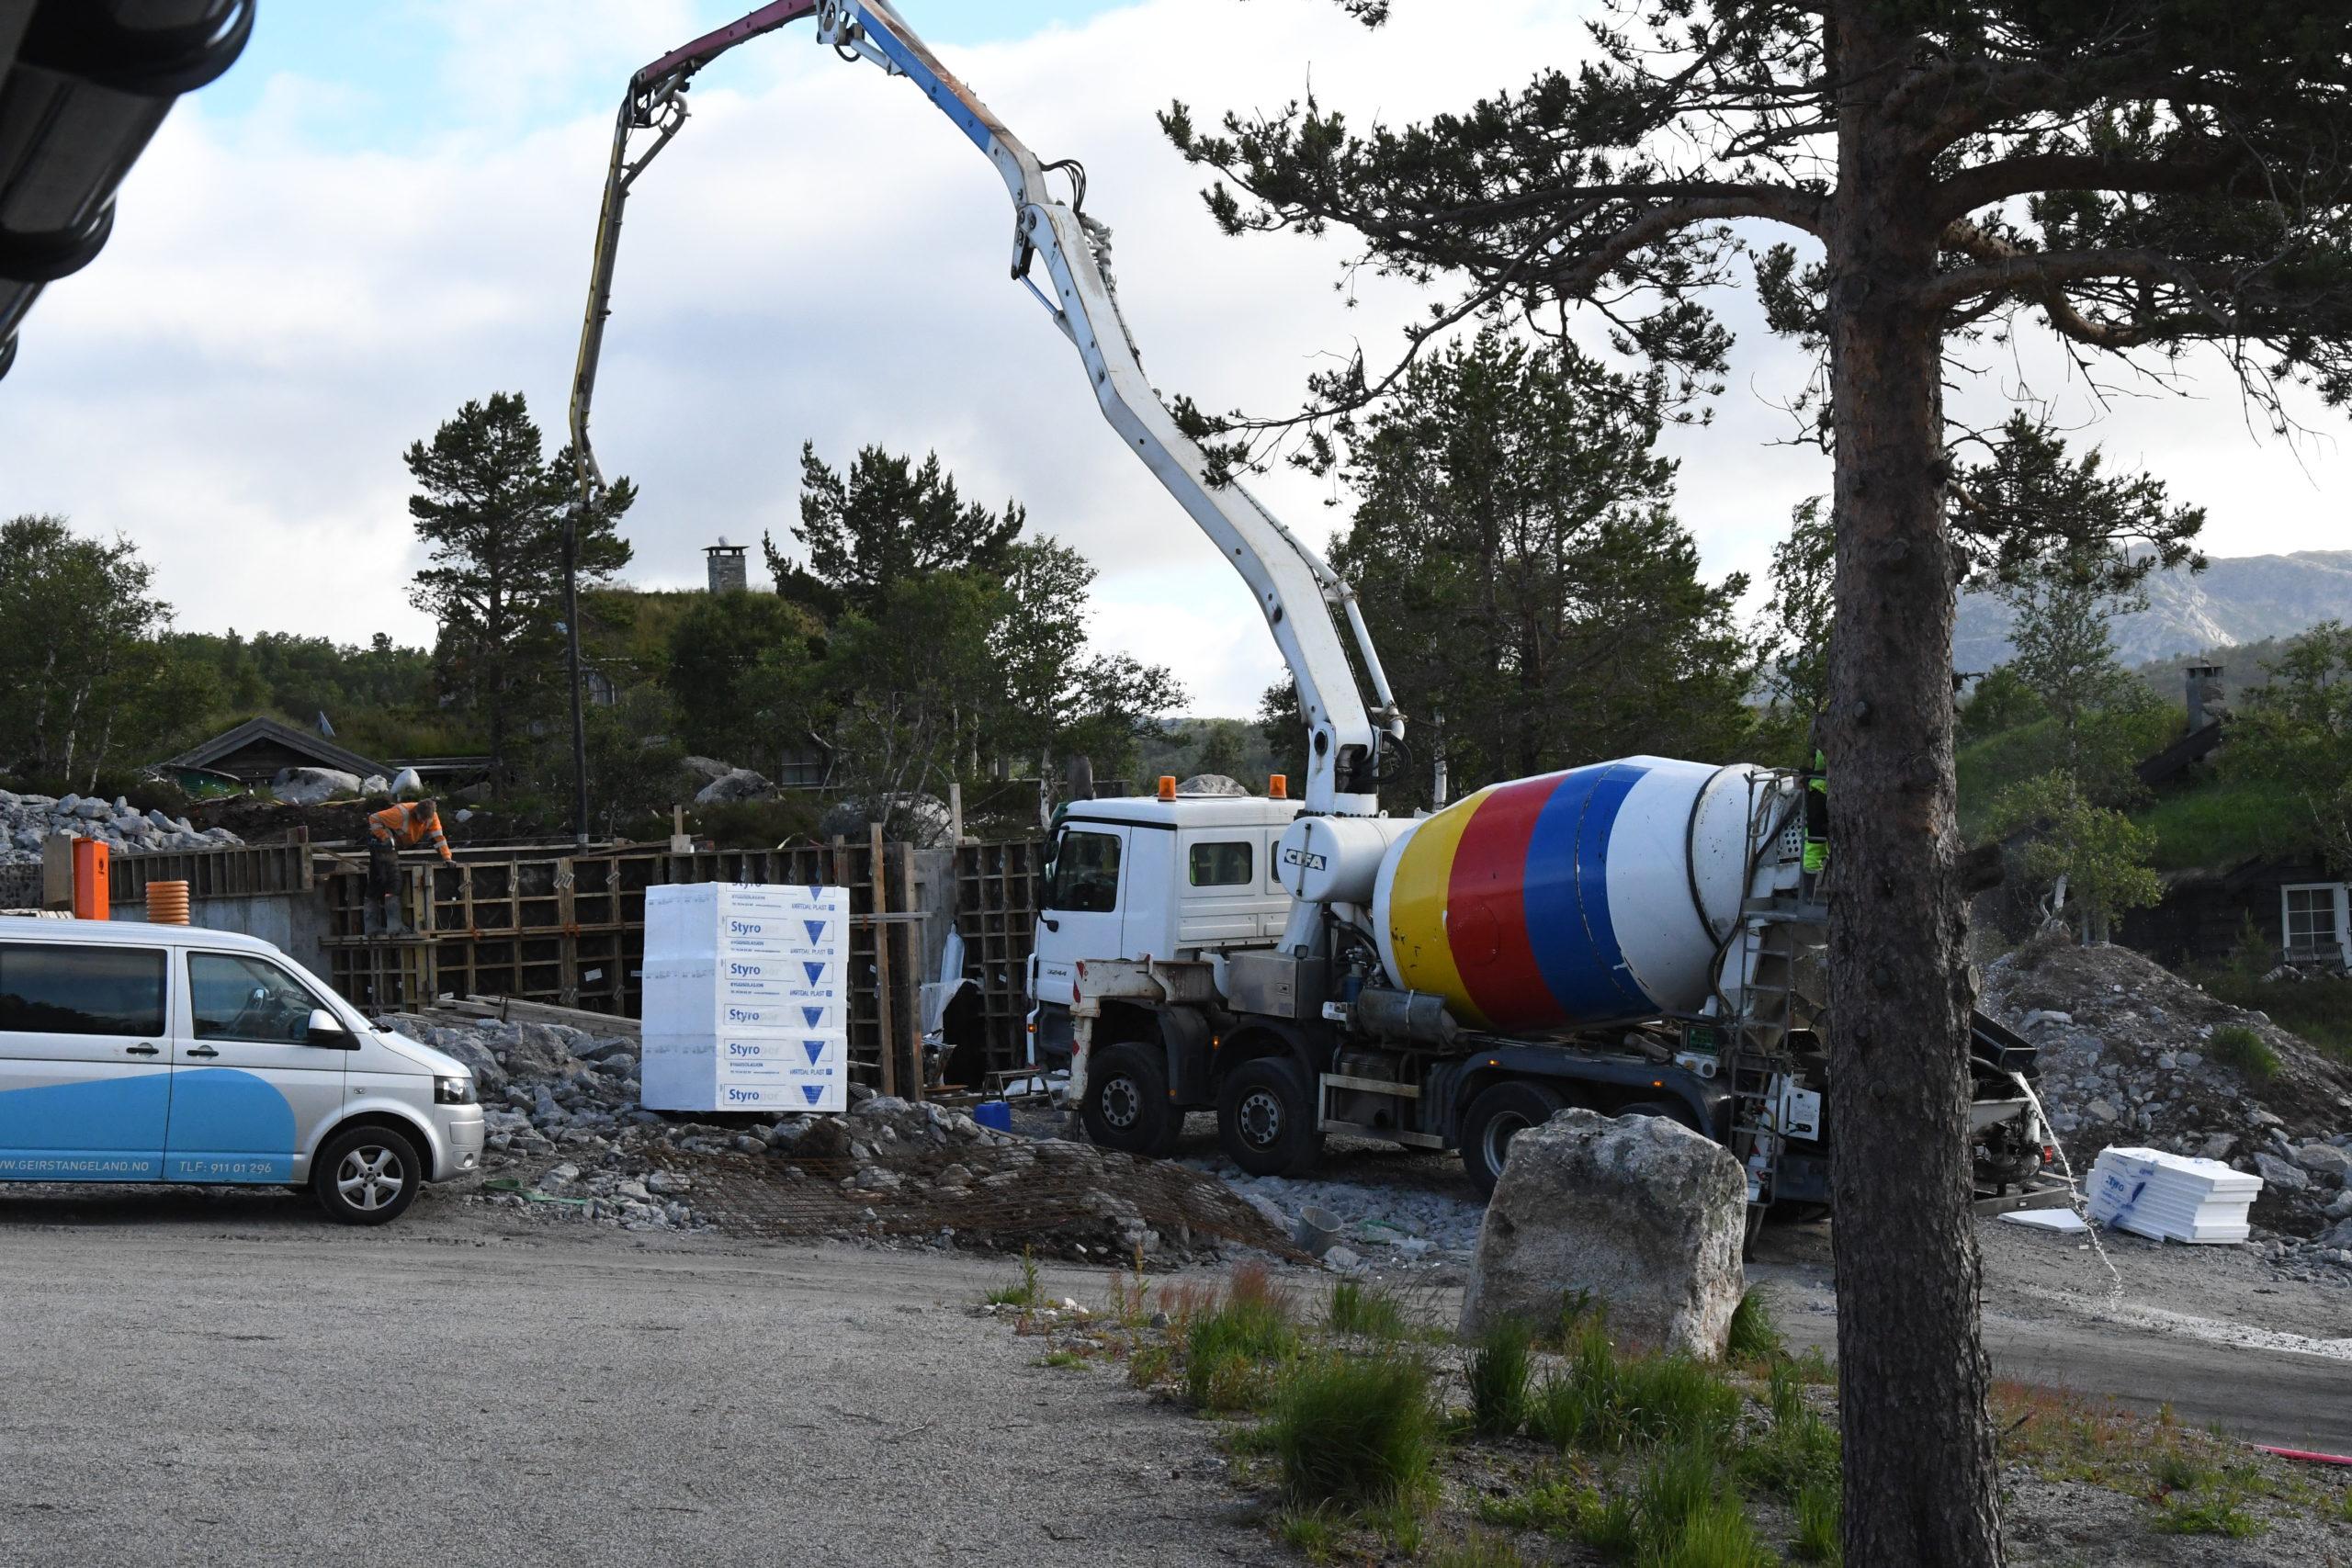 Macintosh HD:Users:Lsir:Leif Sirevåg Dropbox:Leif Sirevåg:Bilder 2020:2020-07-02 07.15.04.jpg